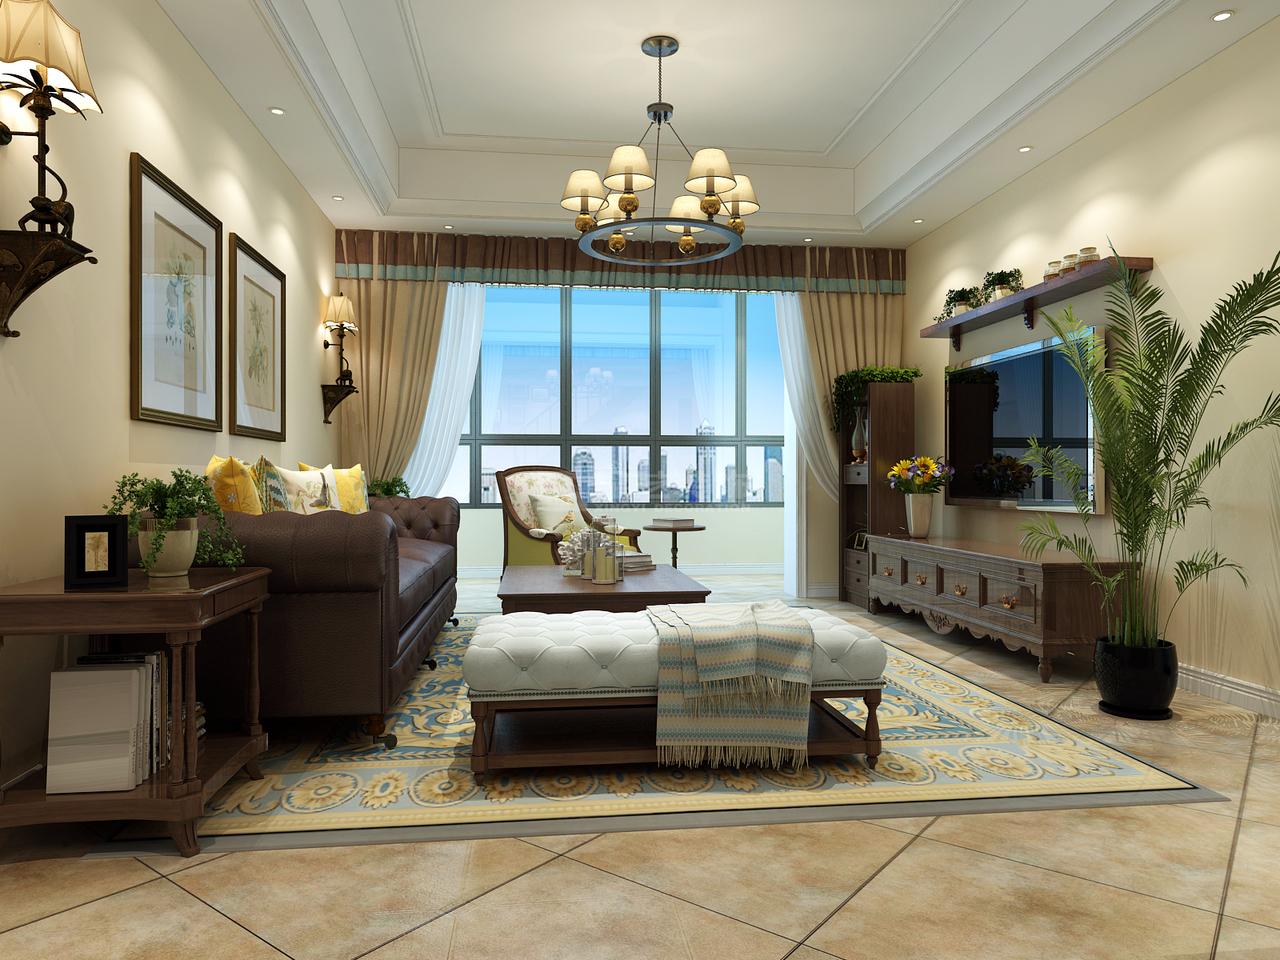 恒大中央公园A一,地中海,一居室,0.0㎡